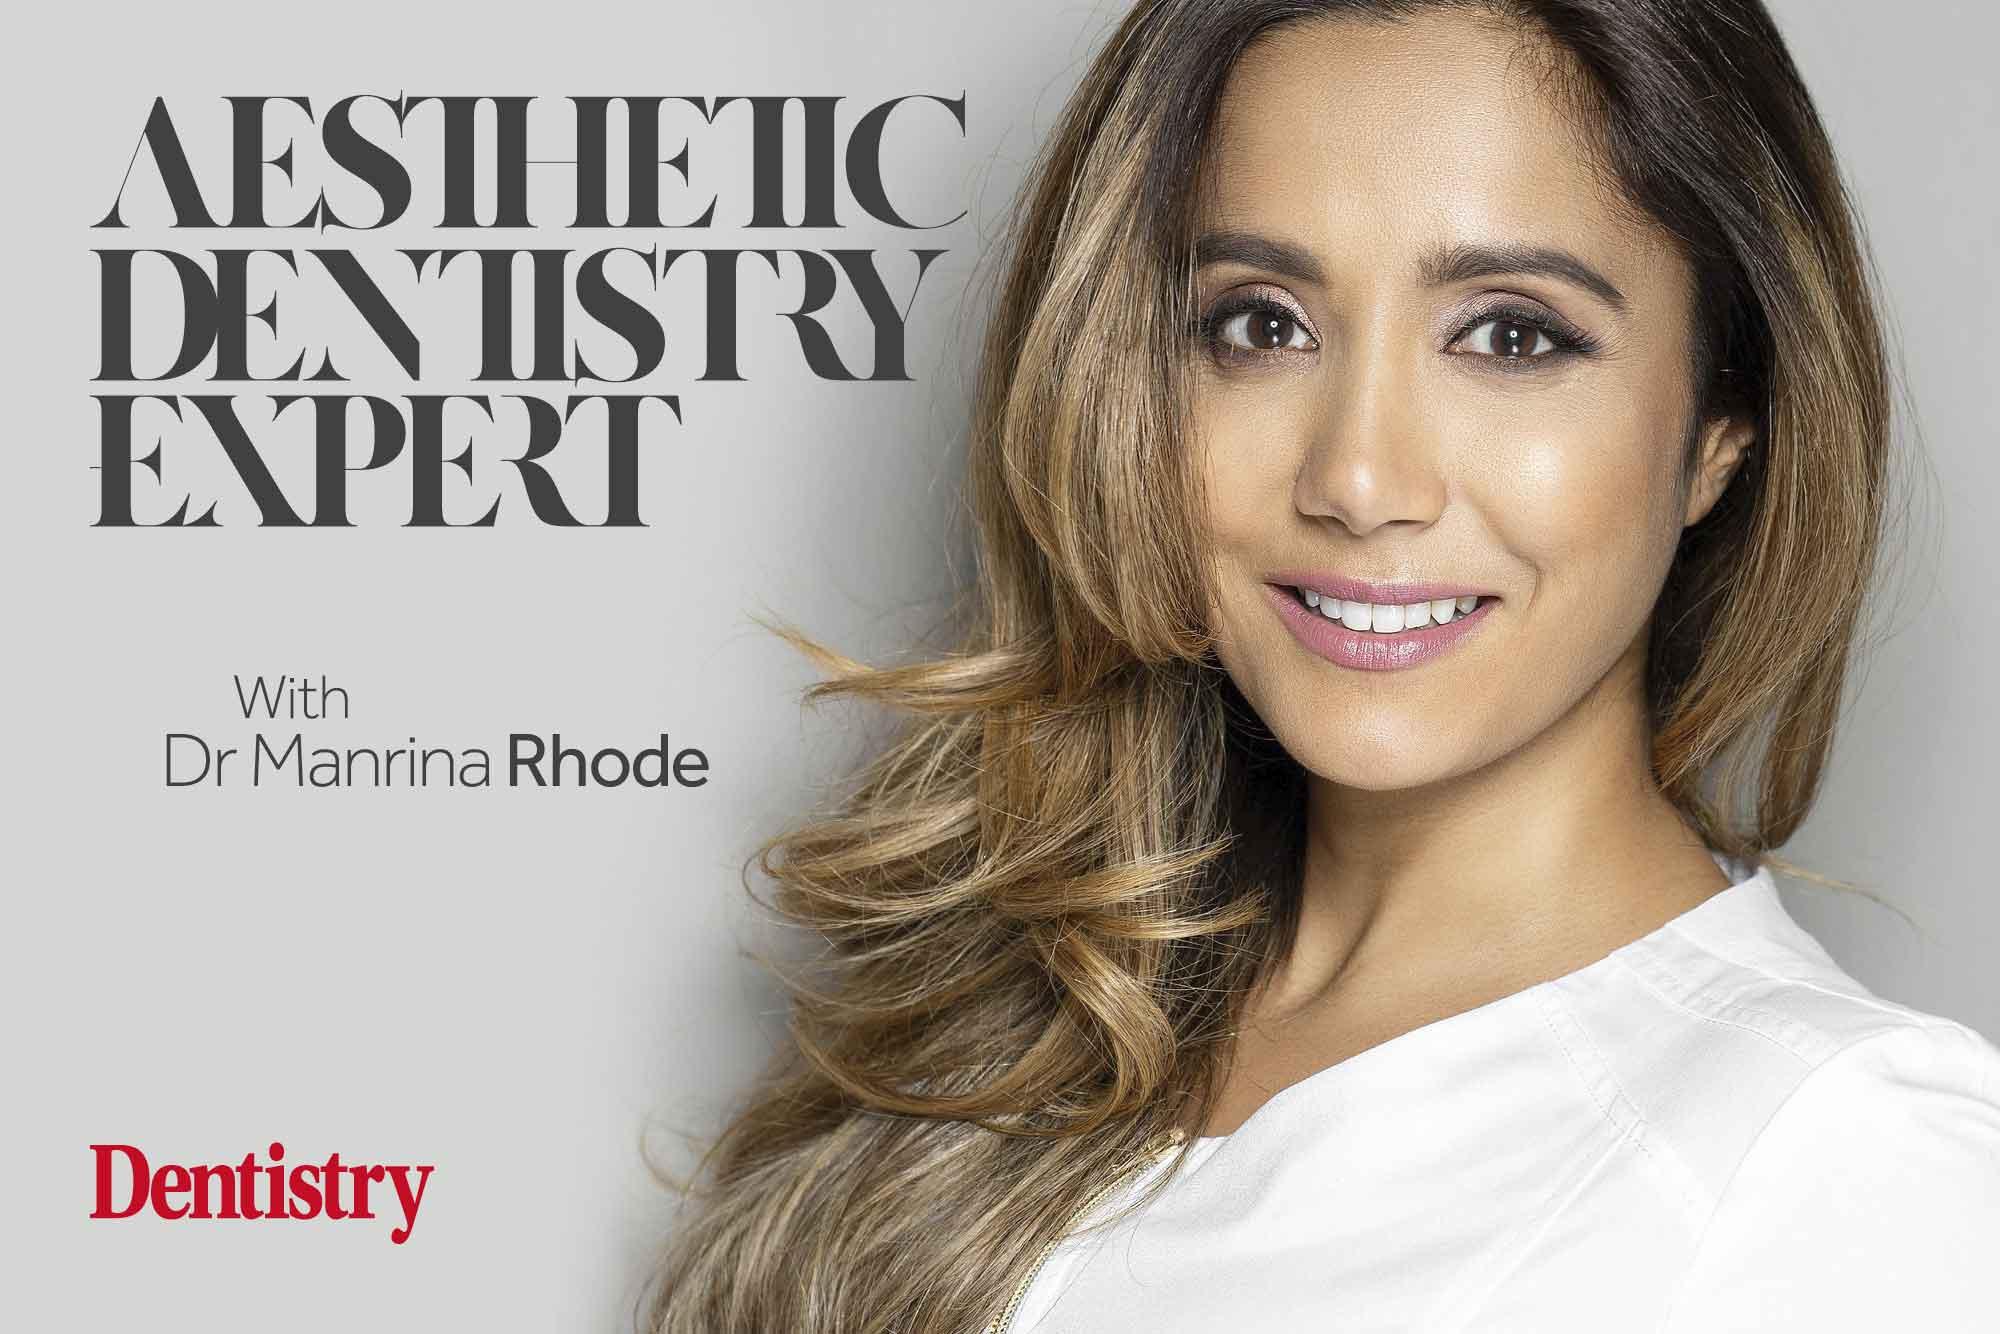 aesthetic dentistry expert